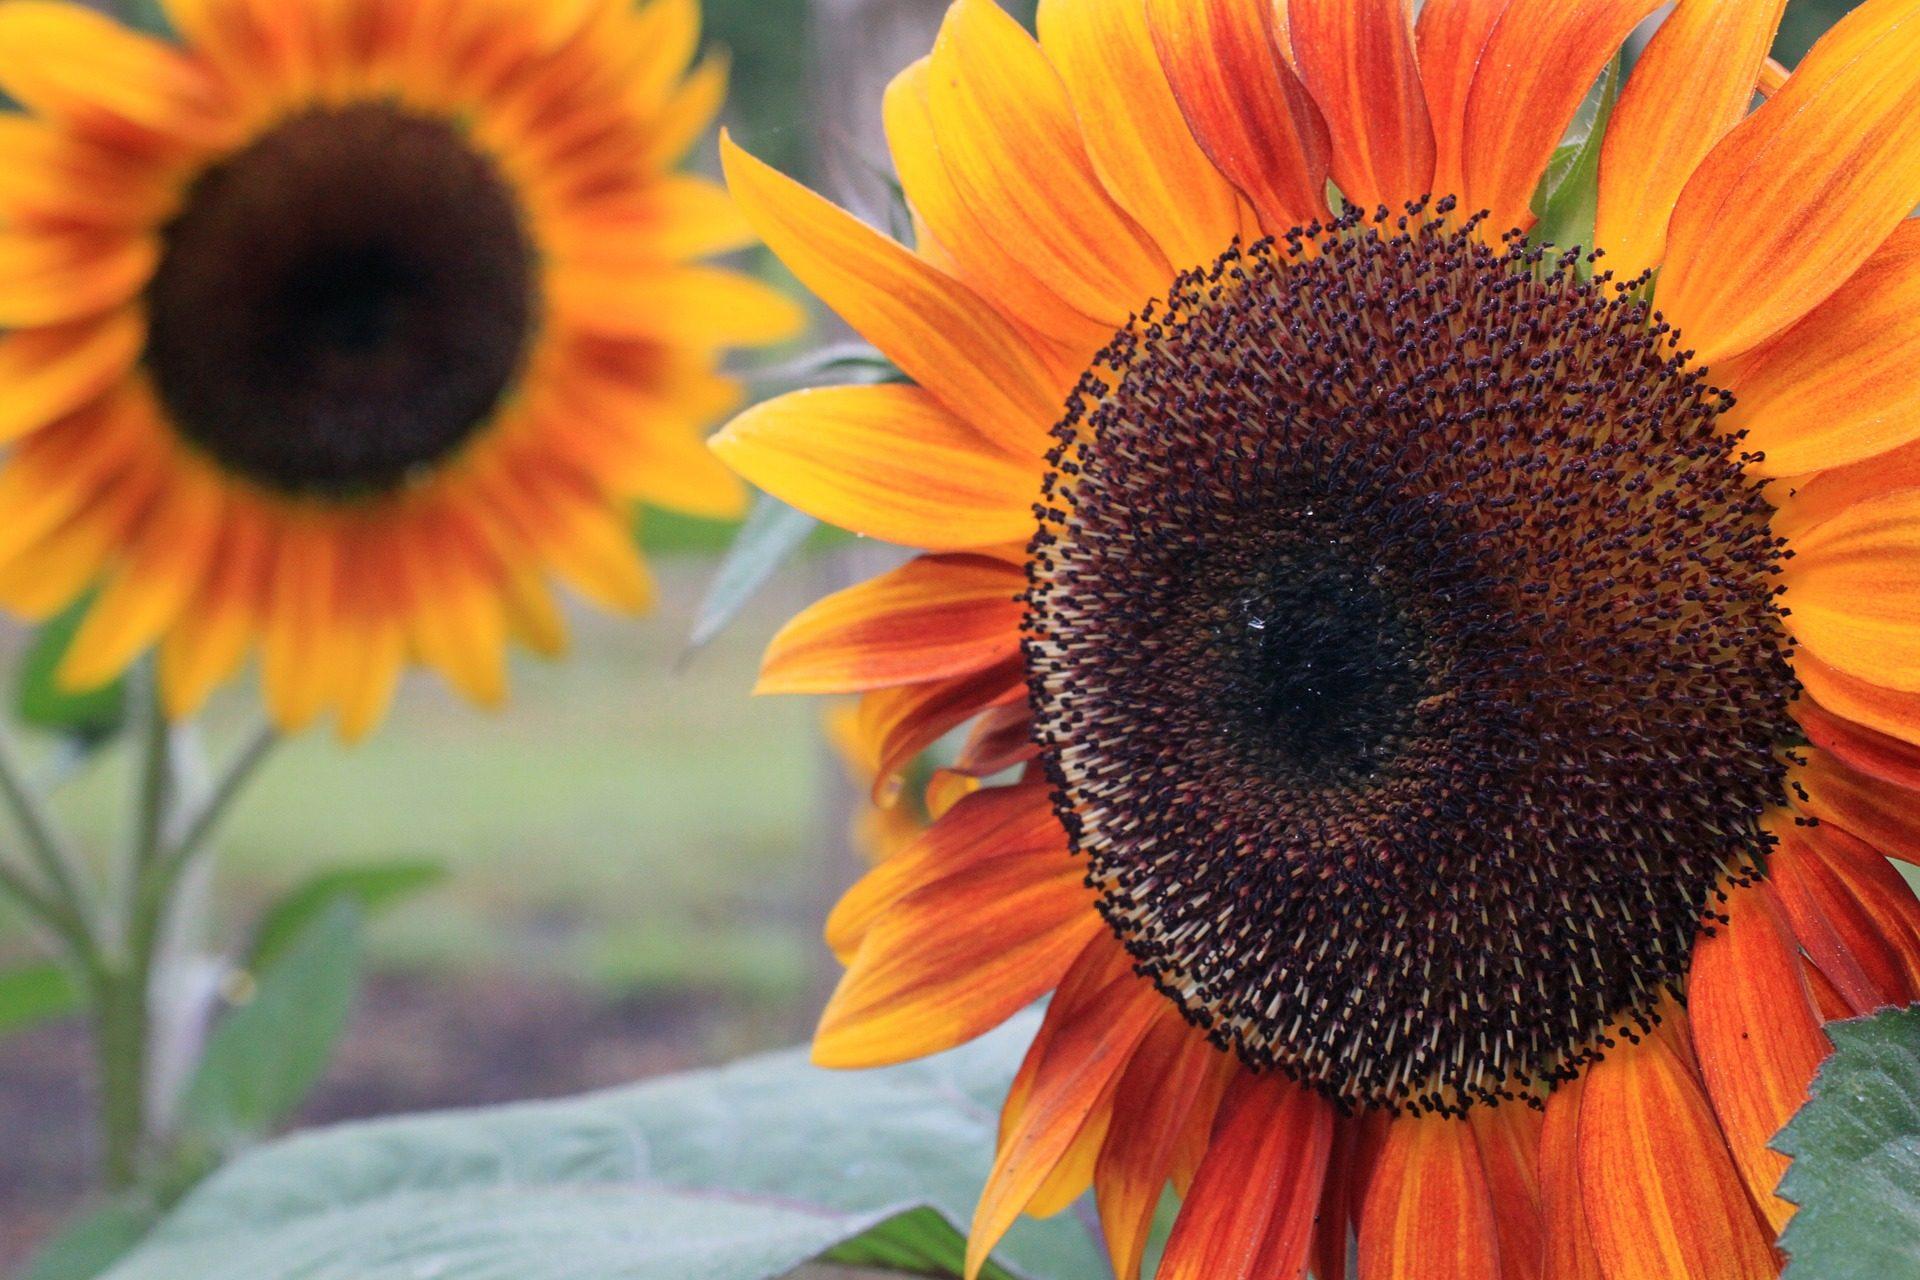 girassóis, plantas, pétalas, colorido, campo, Plantation - Papéis de parede HD - Professor-falken.com